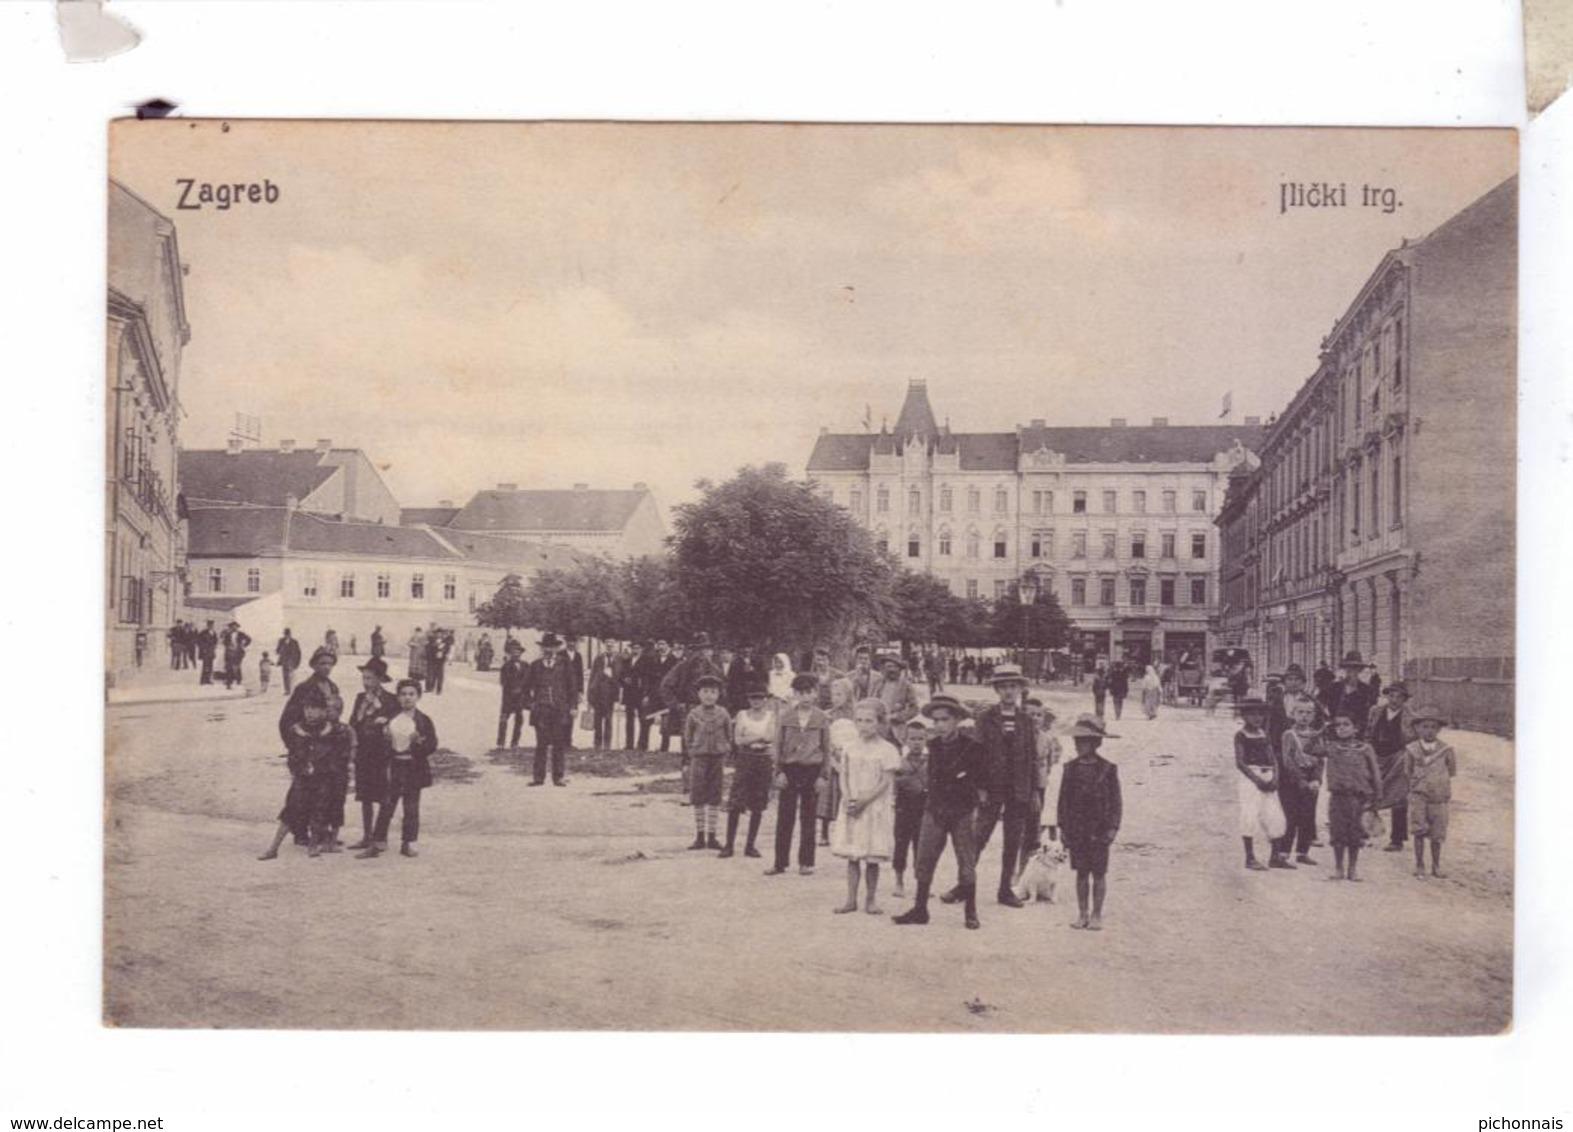 HRVATSKA CROATIA CROATIE Jlicki  Zagreb Dopisnica - Bosnie-Herzegovine